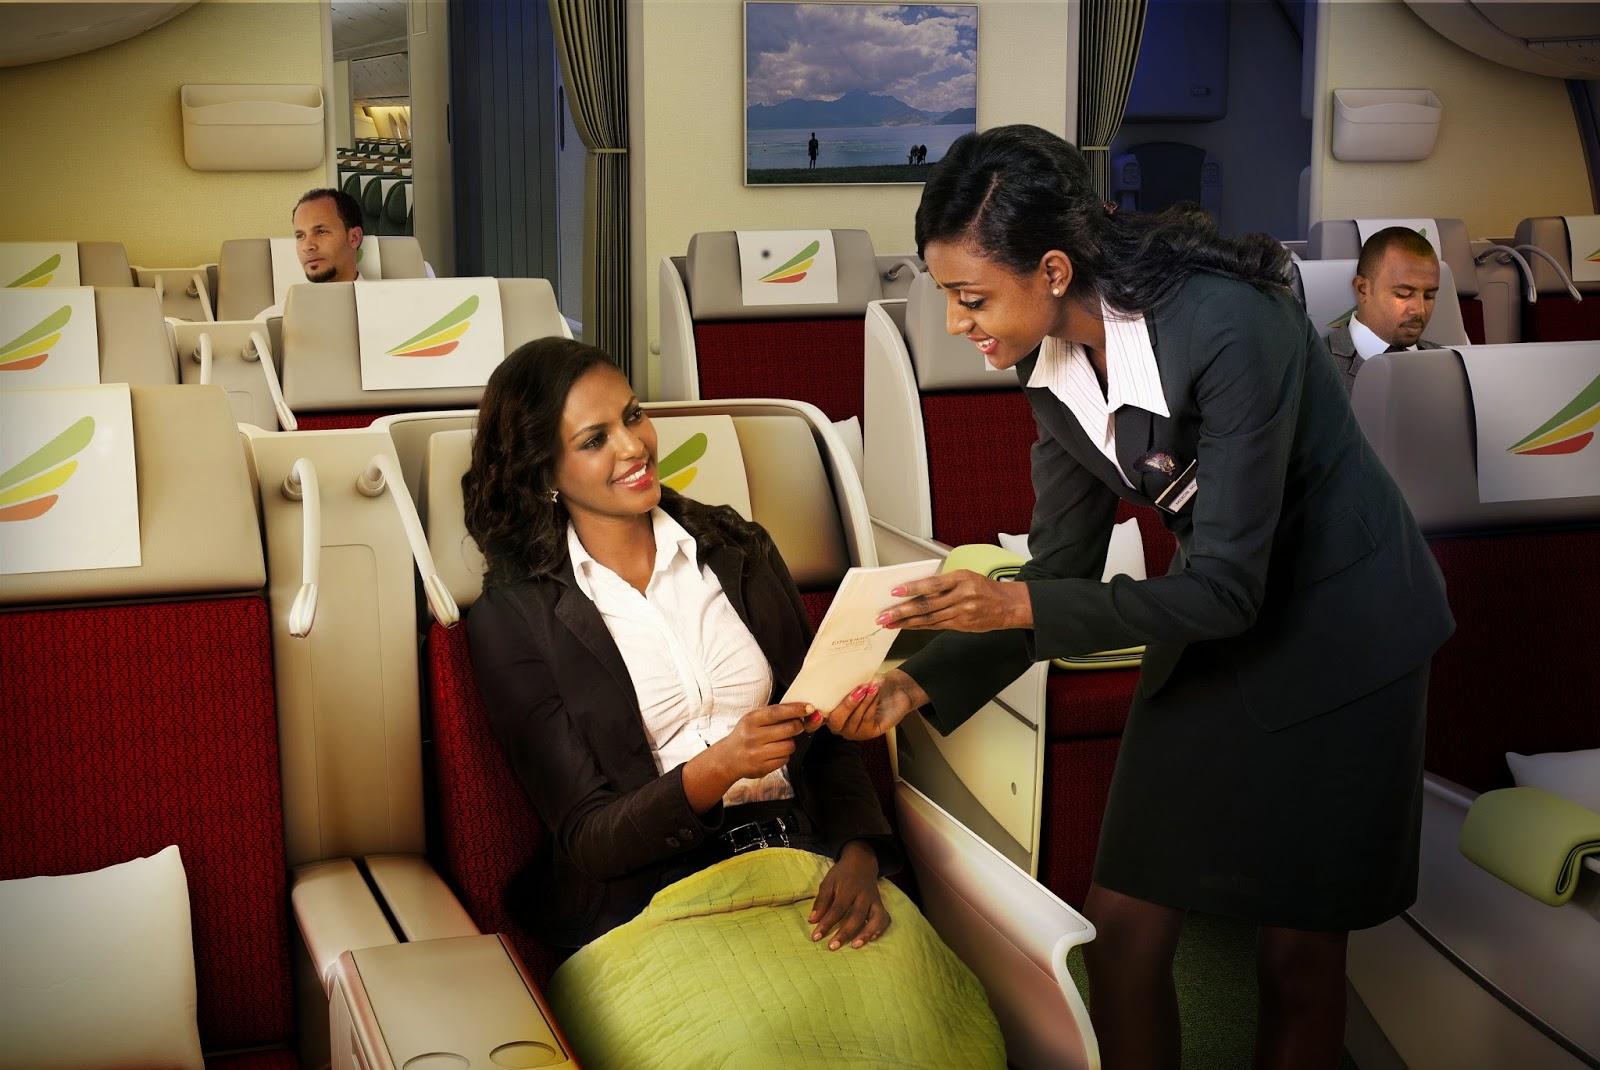 Ethiopian Airlines - APEX